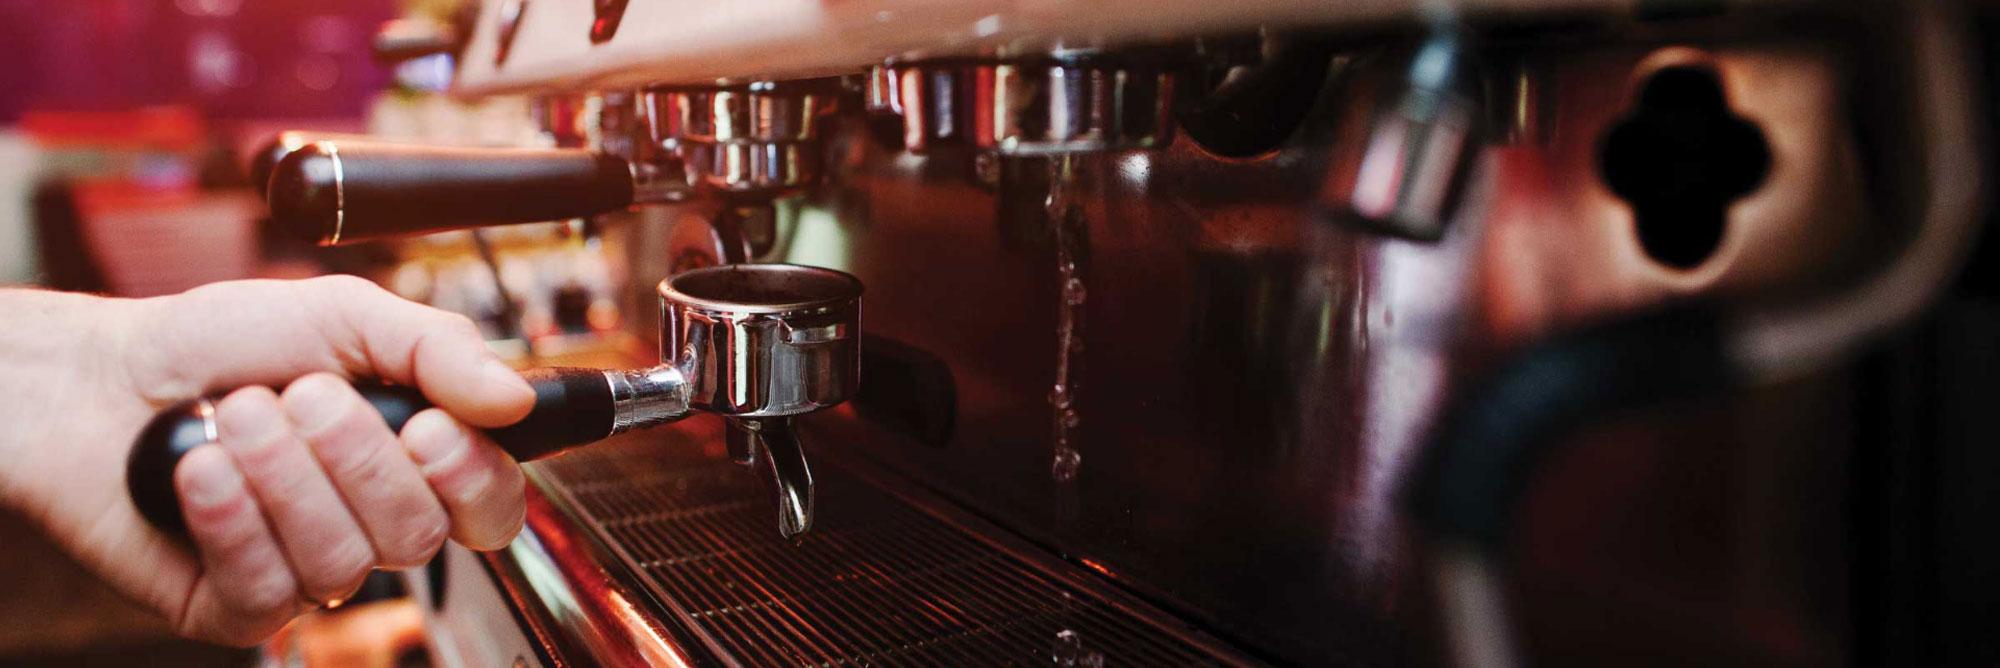 Vendita online di caffè in grani per il bar torrefatto artigianalmente – Coff-e